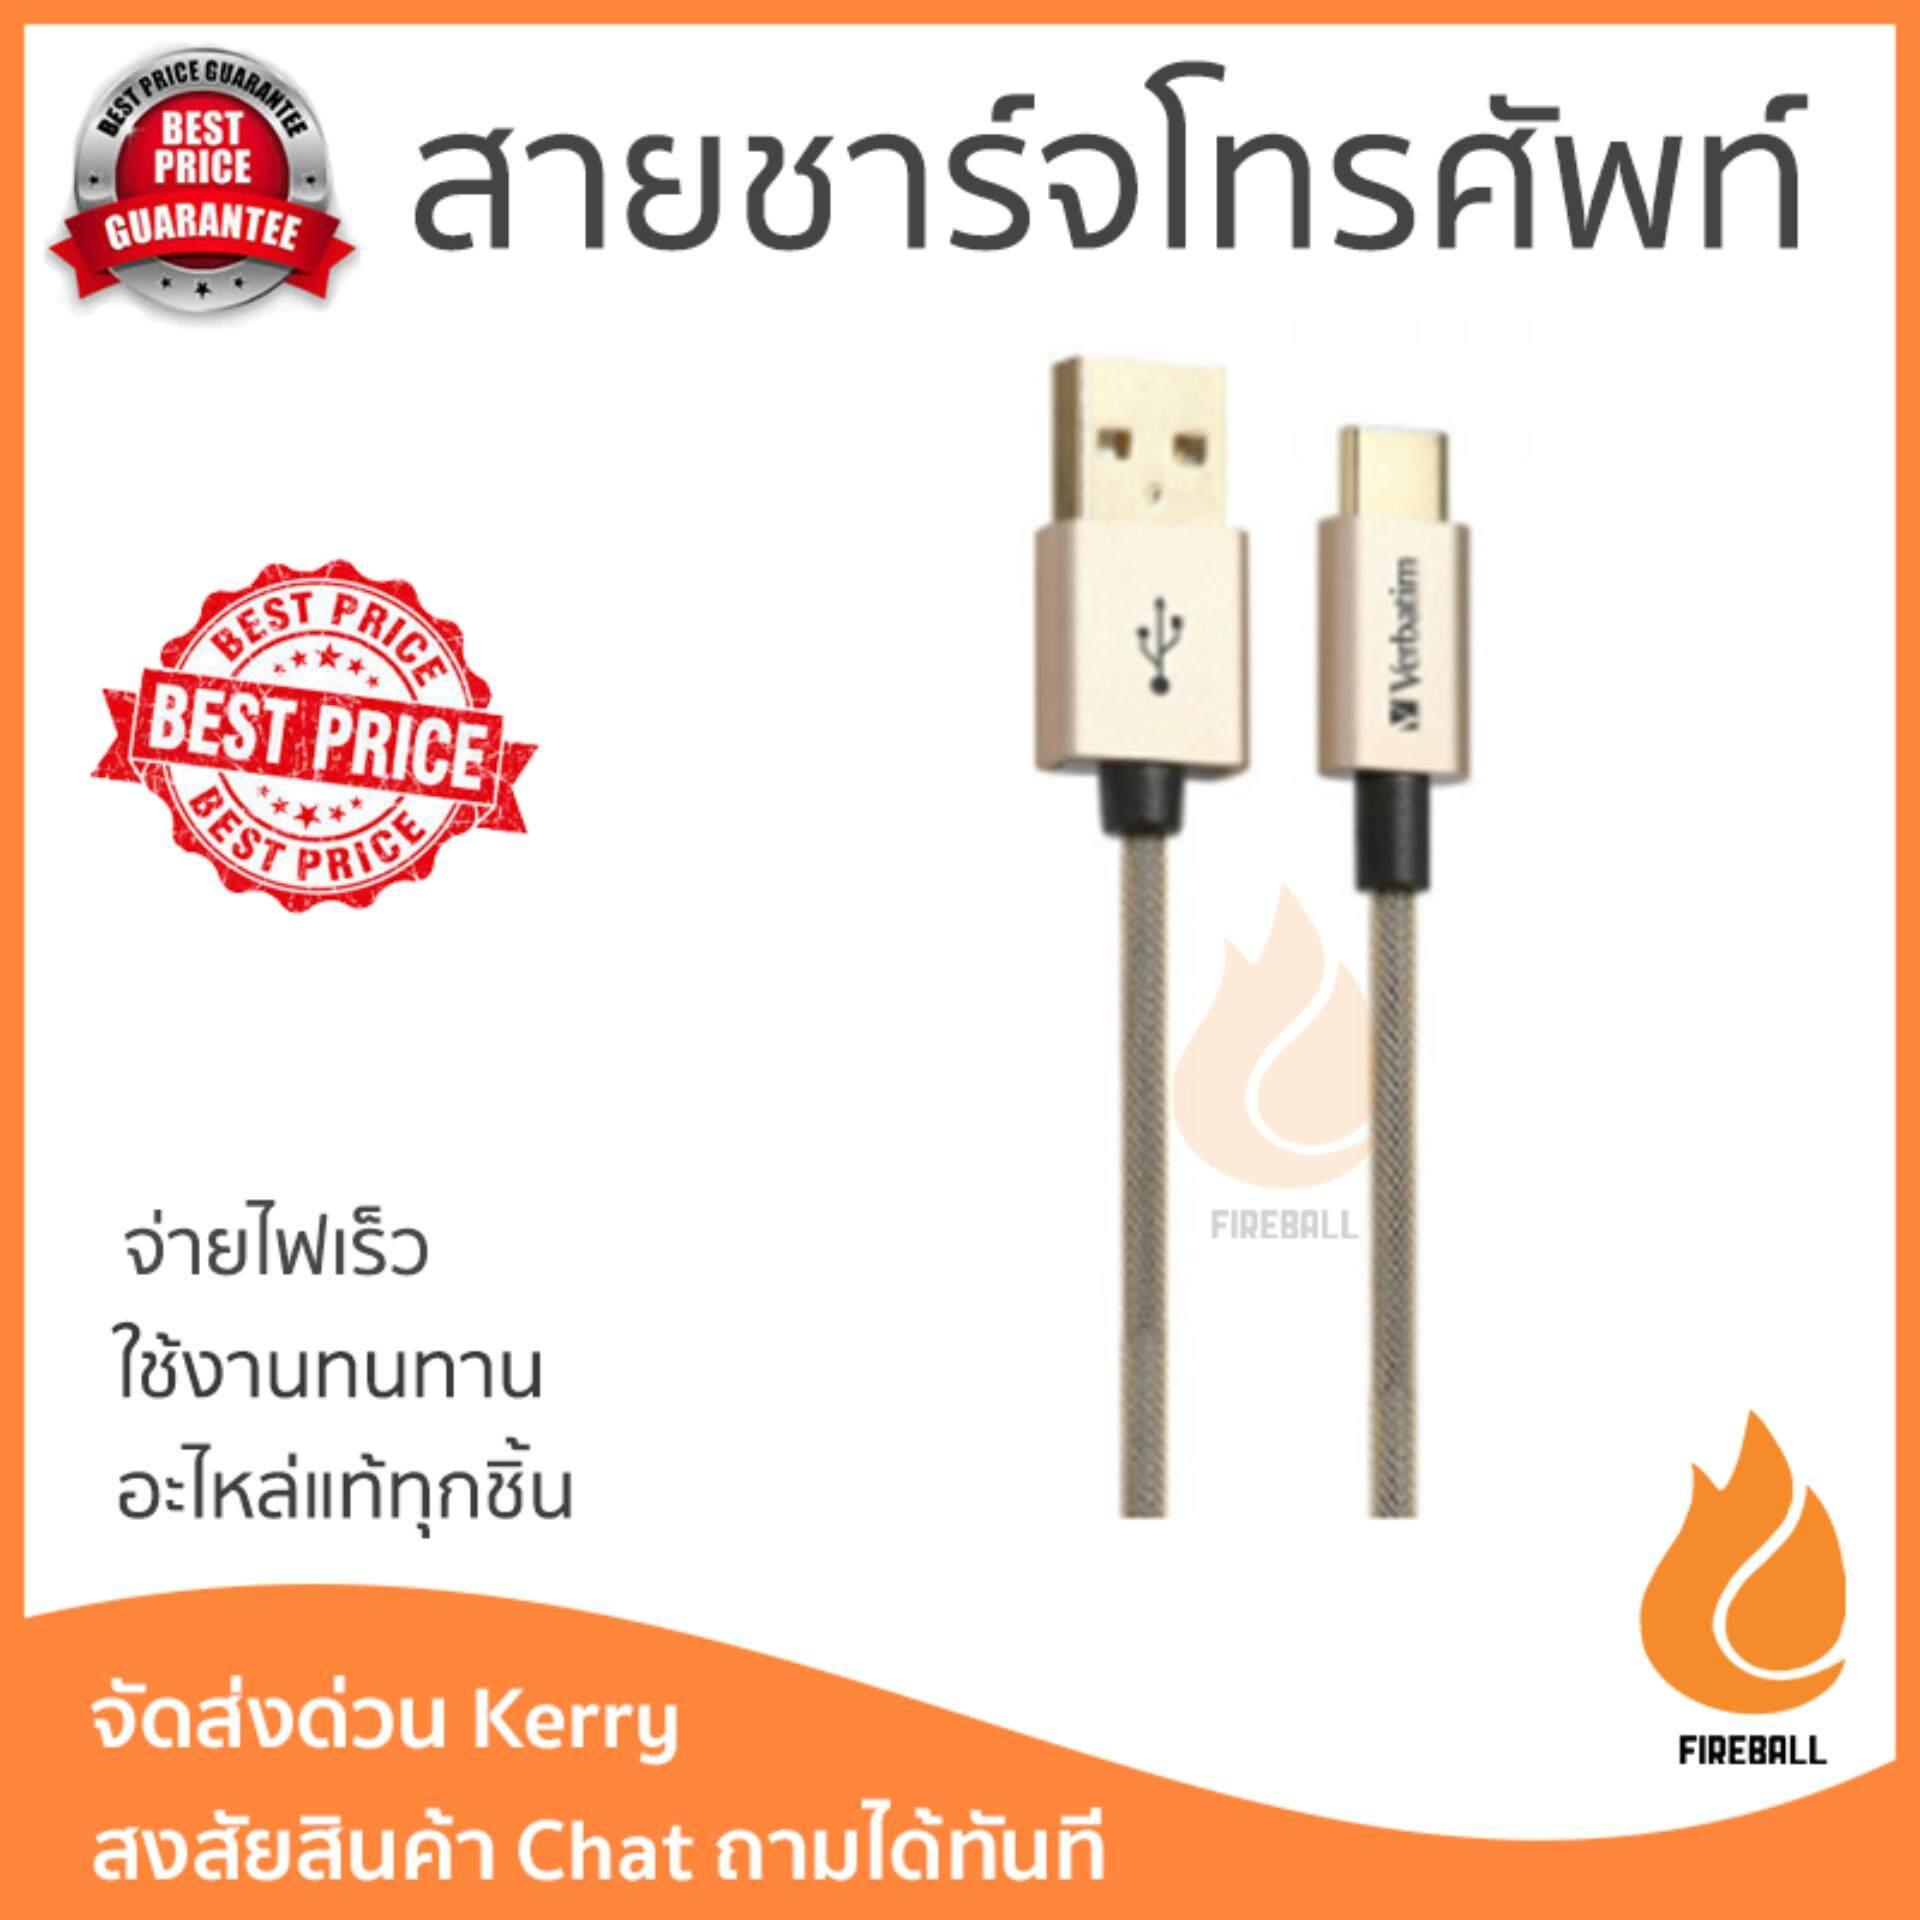 ขายดีมาก! ราคาพิเศษ รุ่นยอดนิยม สายชาร์จโทรศัพท์ CS@ Verbatim USB-A to USB-C Cable 1.2M. Gold สายชาร์จทนทาน แข็งแรง จ่ายไฟเร็ว Mobile Cable จัดส่งฟรี Kerry ทั่วประเทศ